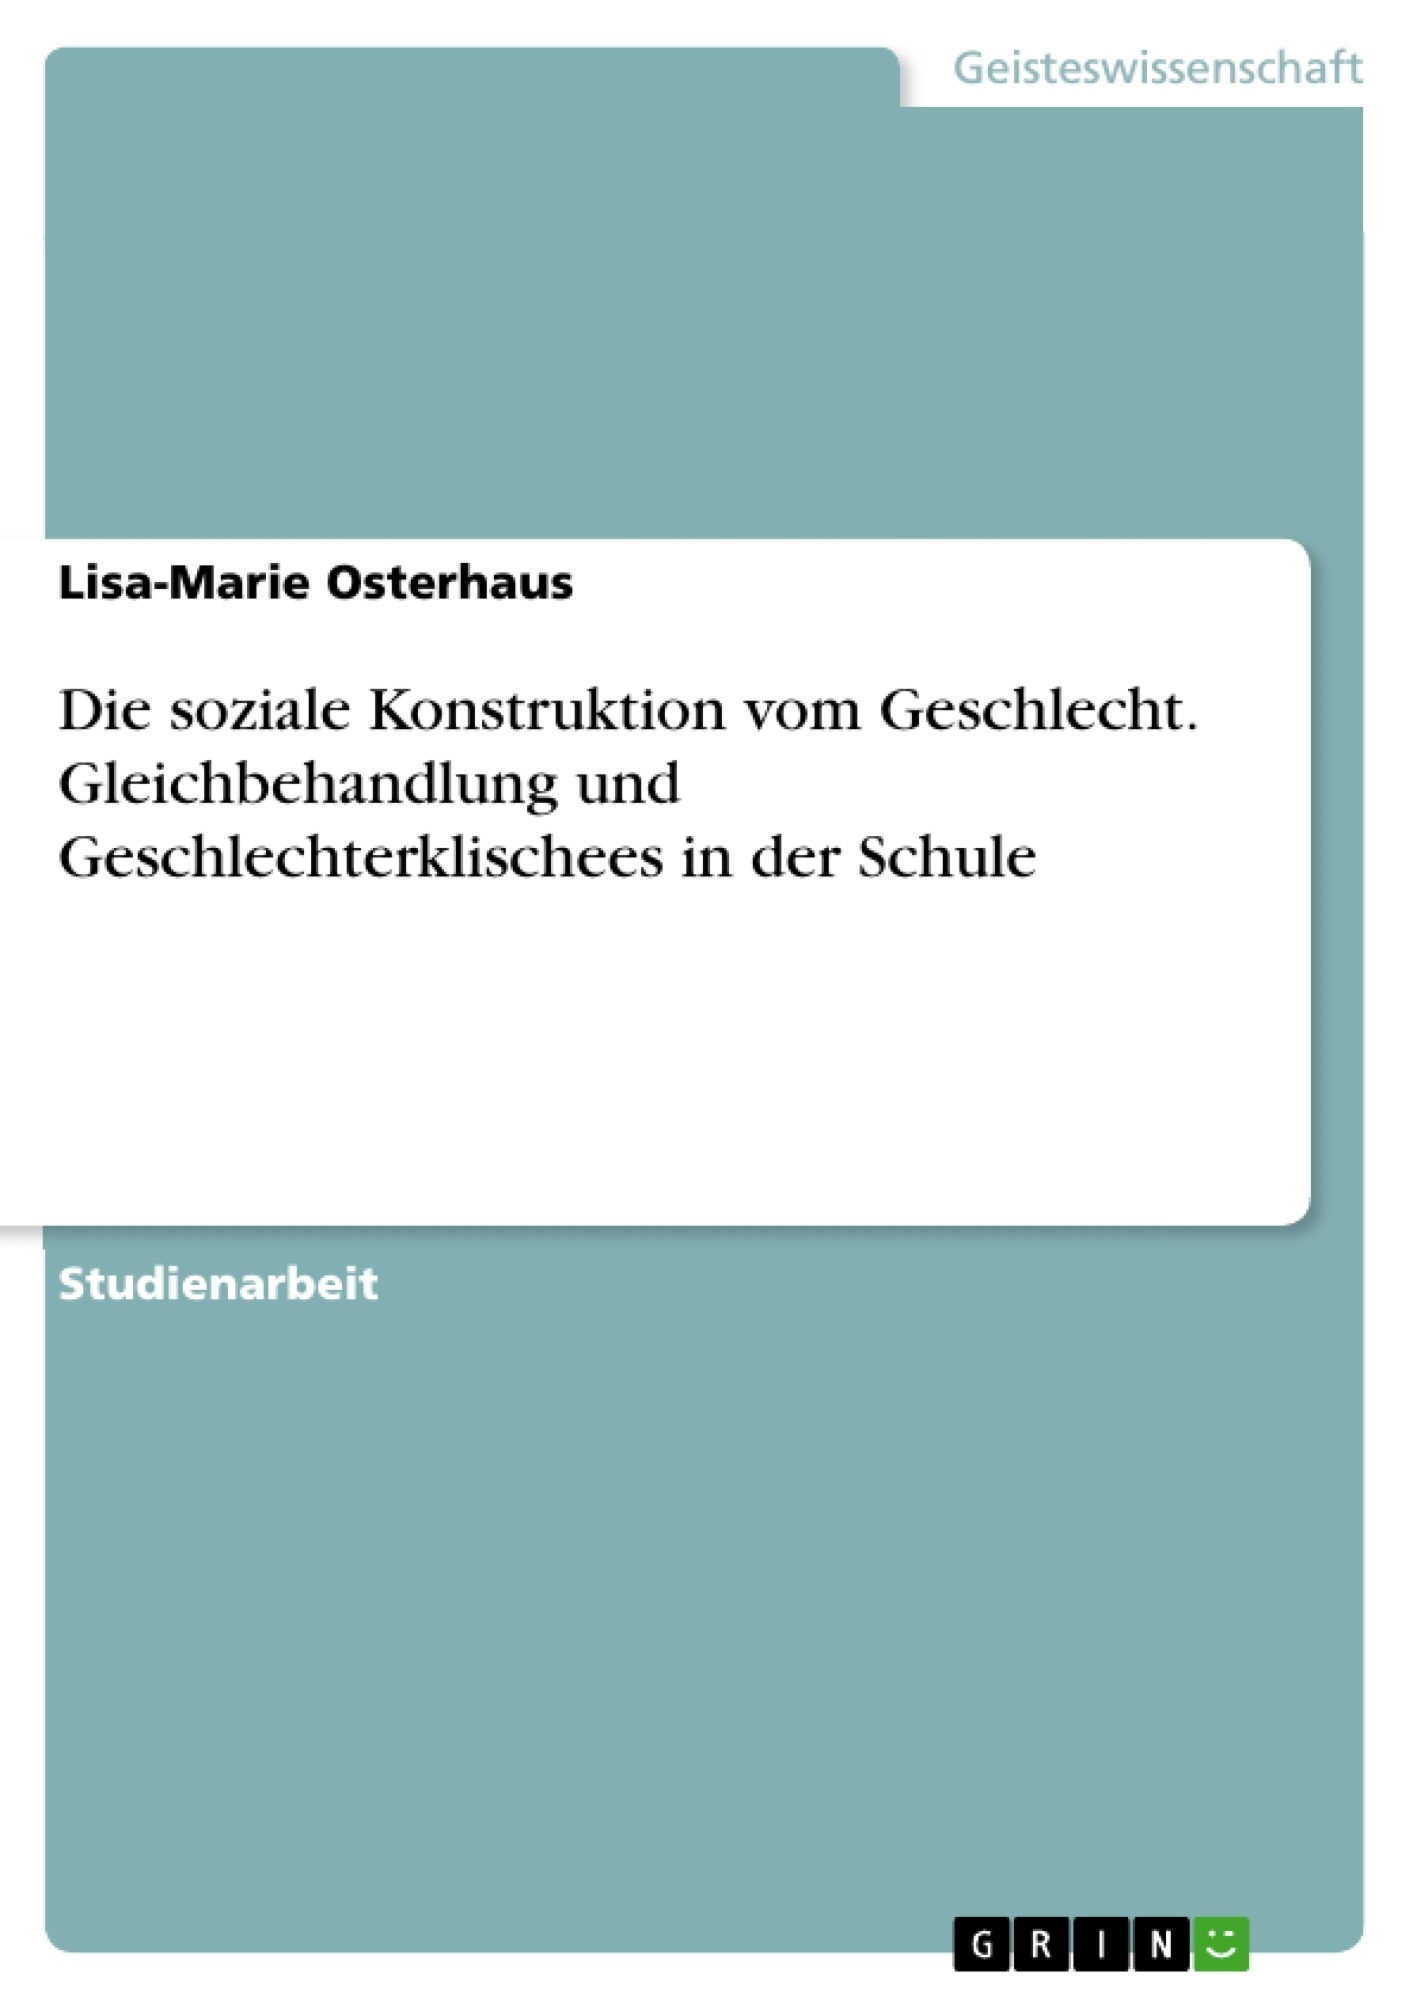 Titel: Die soziale Konstruktion vom Geschlecht. Gleichbehandlung und Geschlechterklischees in der Schule